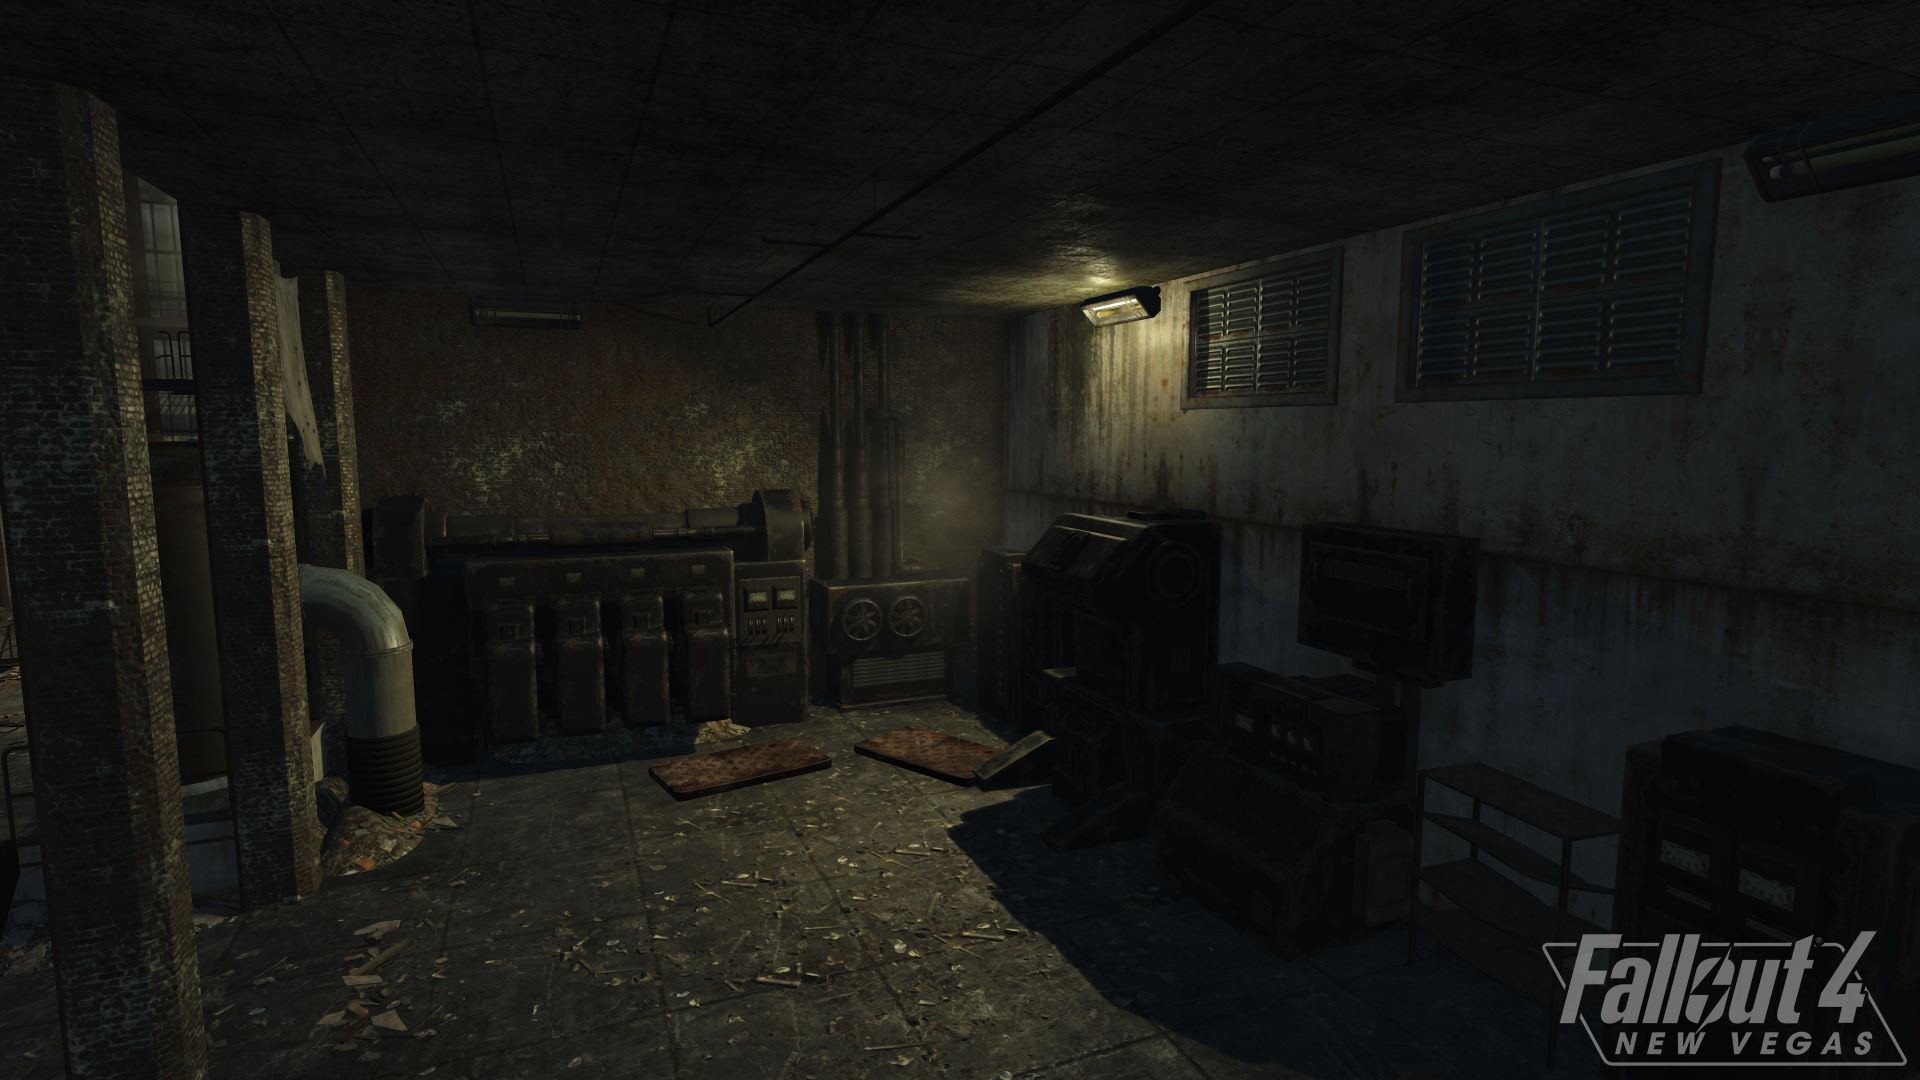 Разработчики Fallout 4: New Vegas продолжают работу над игрой, и на этот раз они рассказали о том что как тяжело воссоздать промышленные объекты из New Vegas и вот один из примеров их усердной работы: